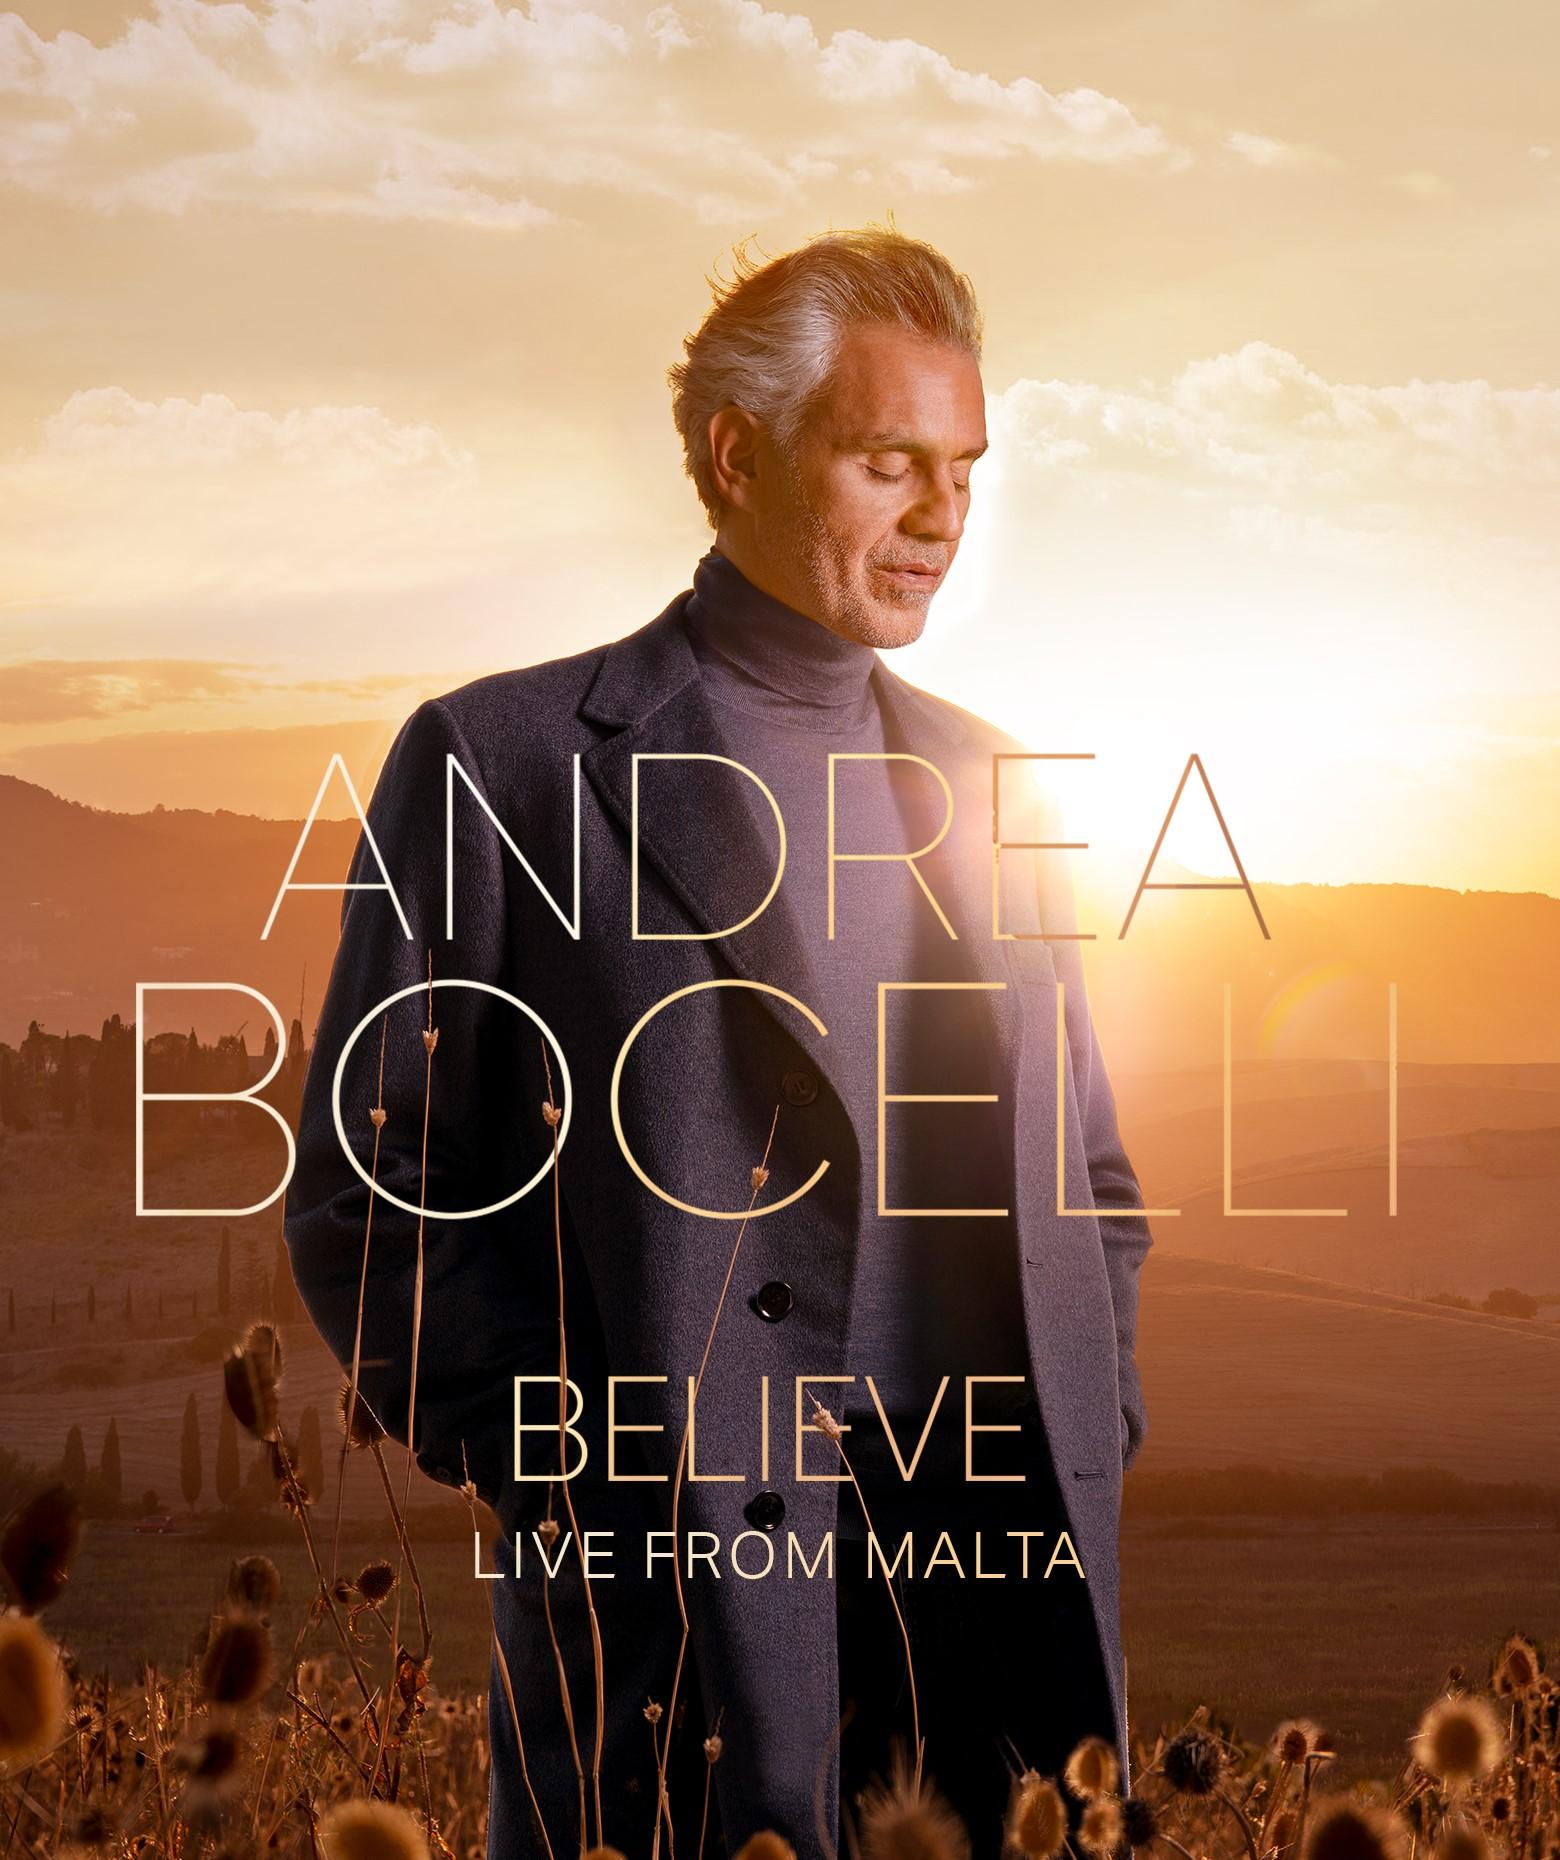 Andrea Bochelli Believe, DVD-Believe Live From Malta